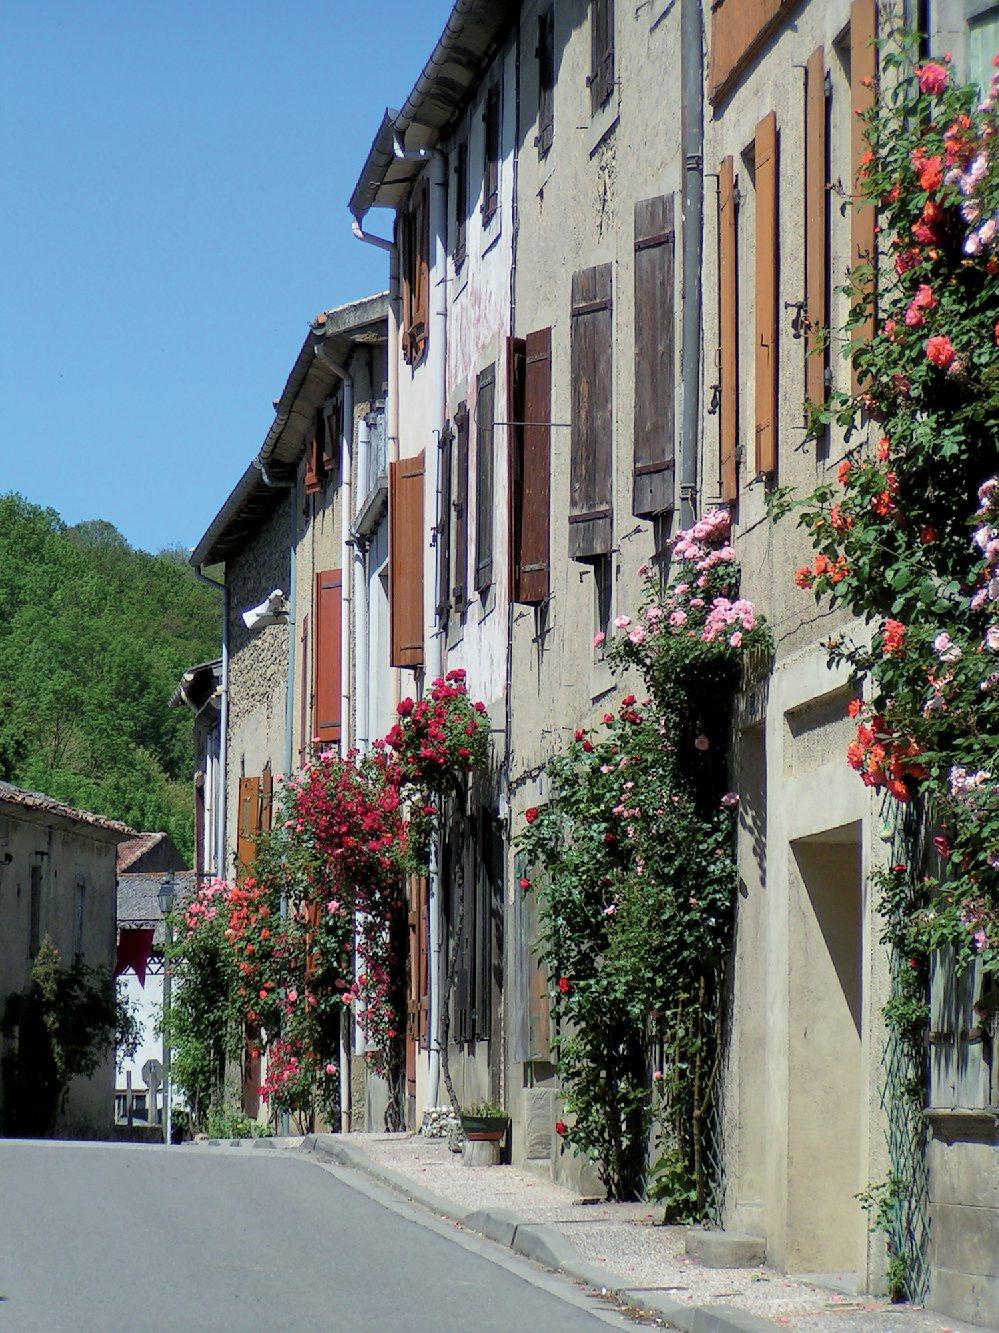 Les plus beaux villages de France  - Page 2 Camon-10